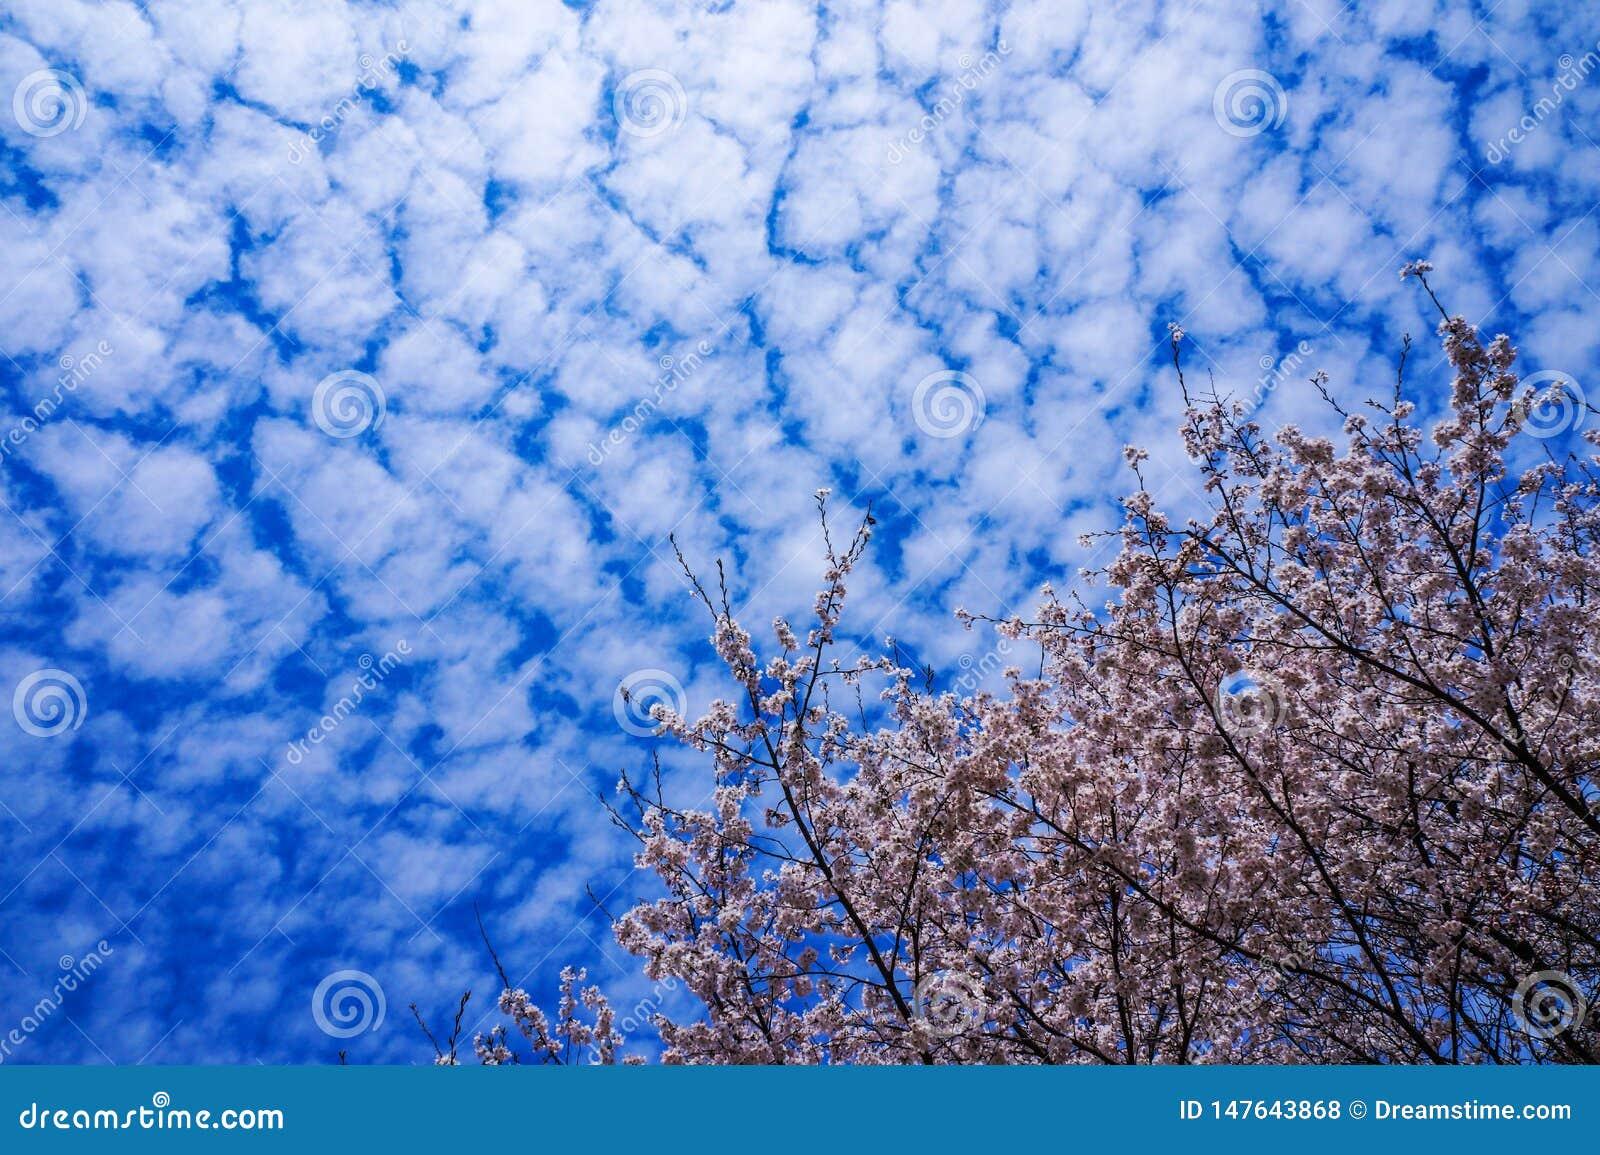 Blue sky full of cherry blossoms